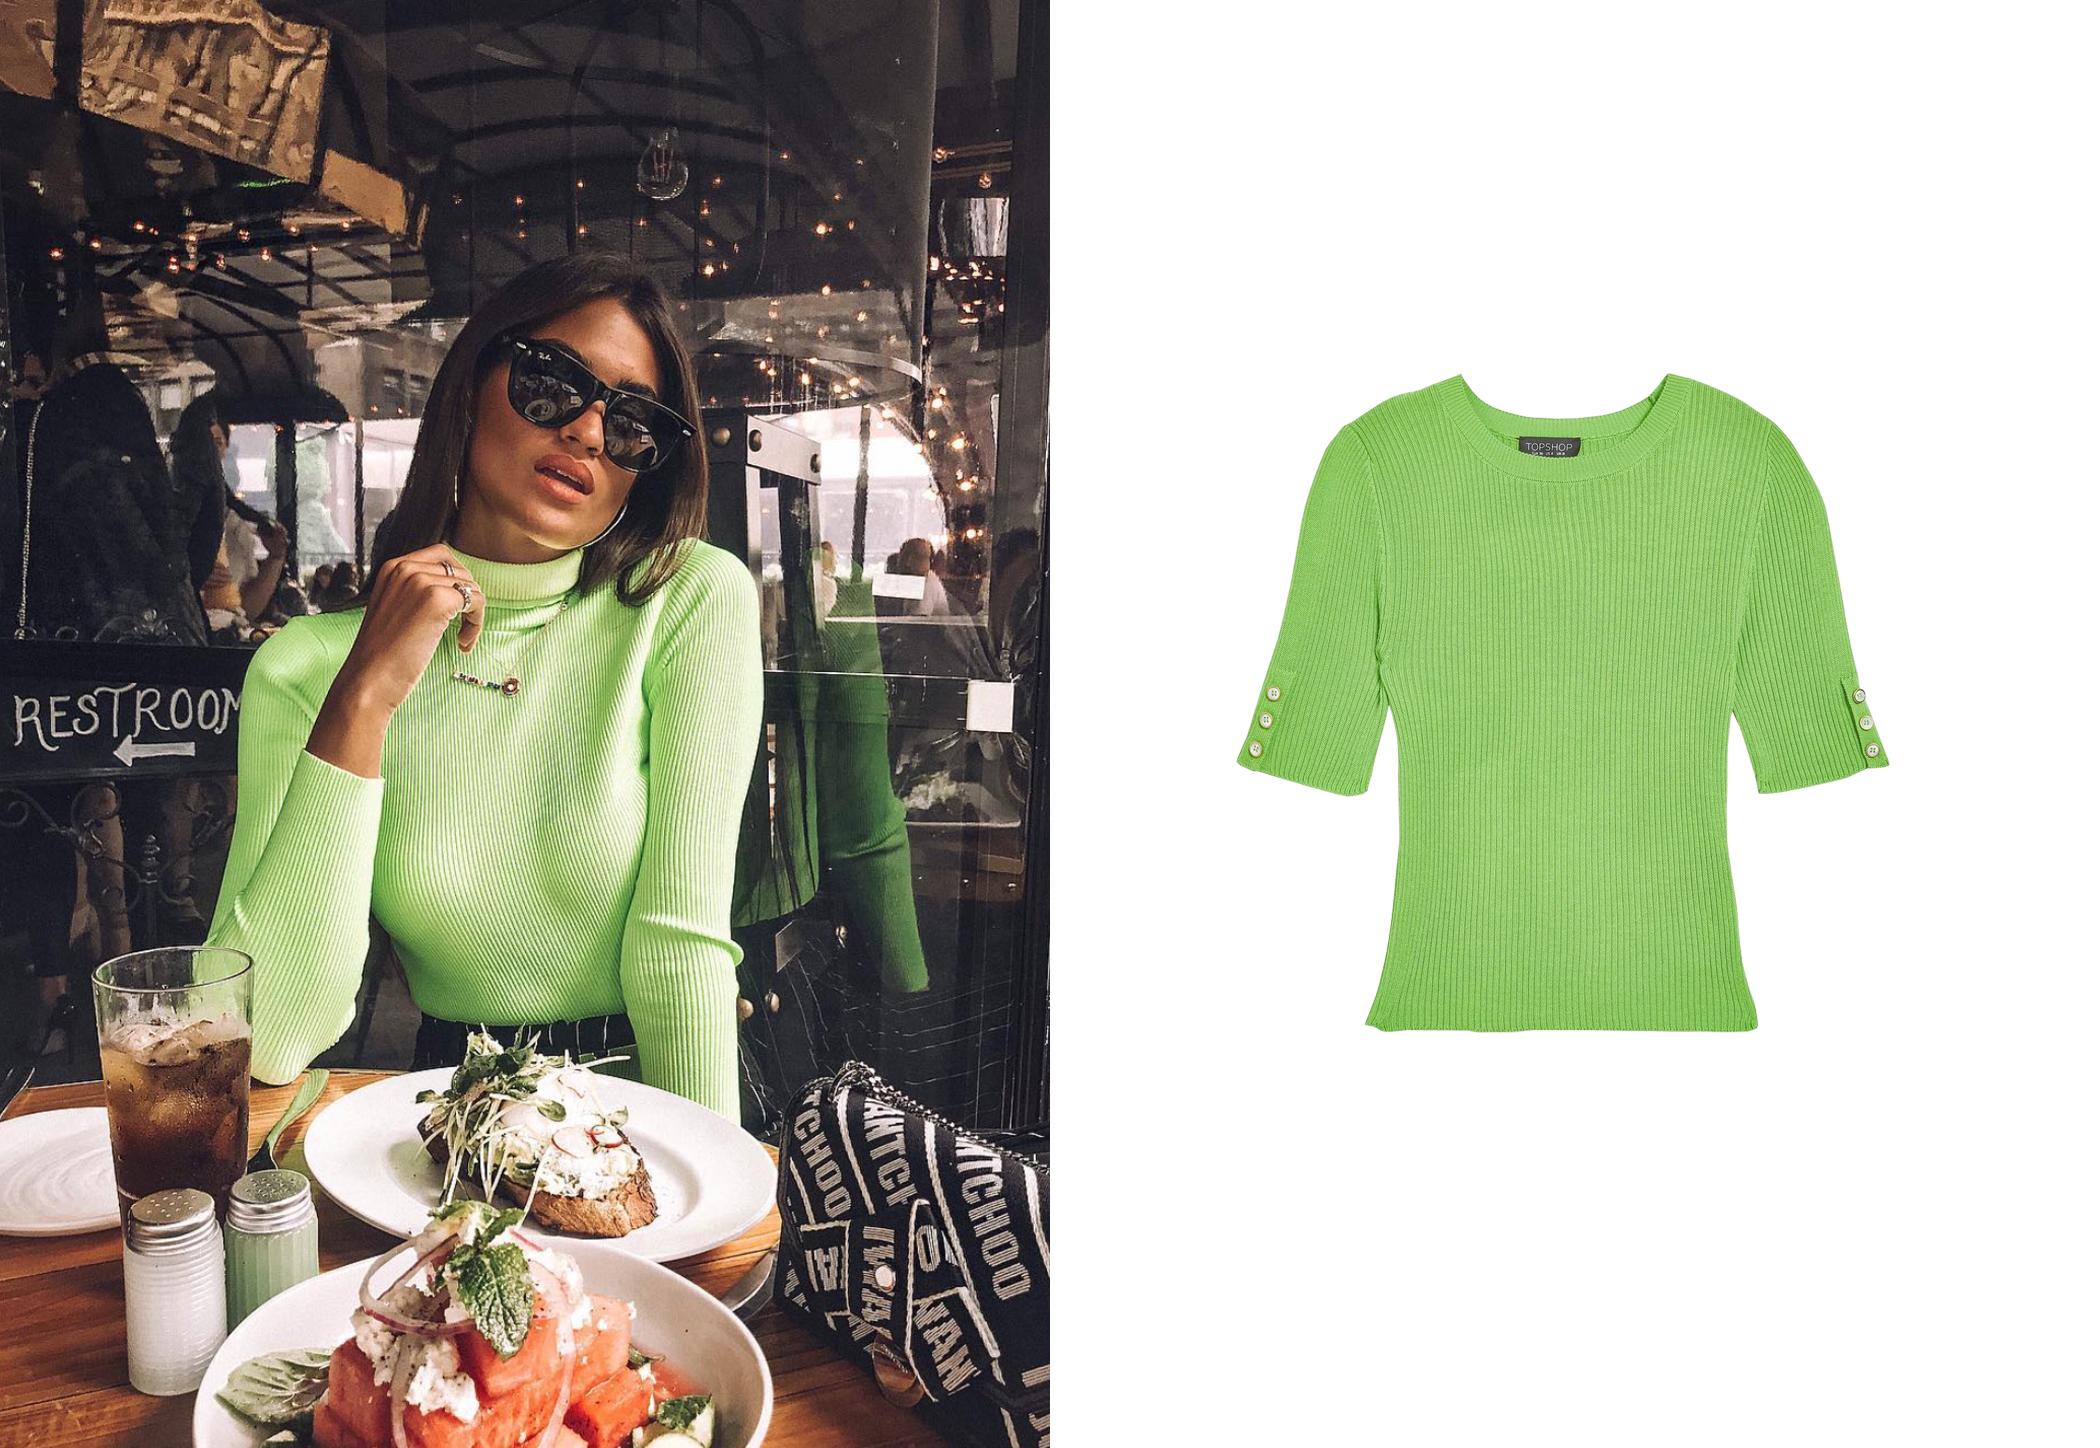 De izq a dcha: La influencer española Marta Lozano con jersey de cuello alto verde fosforito de Zara y top de canalé y manga corta de Topshop, 29 €. (@martalozano y cortesía de la marca)